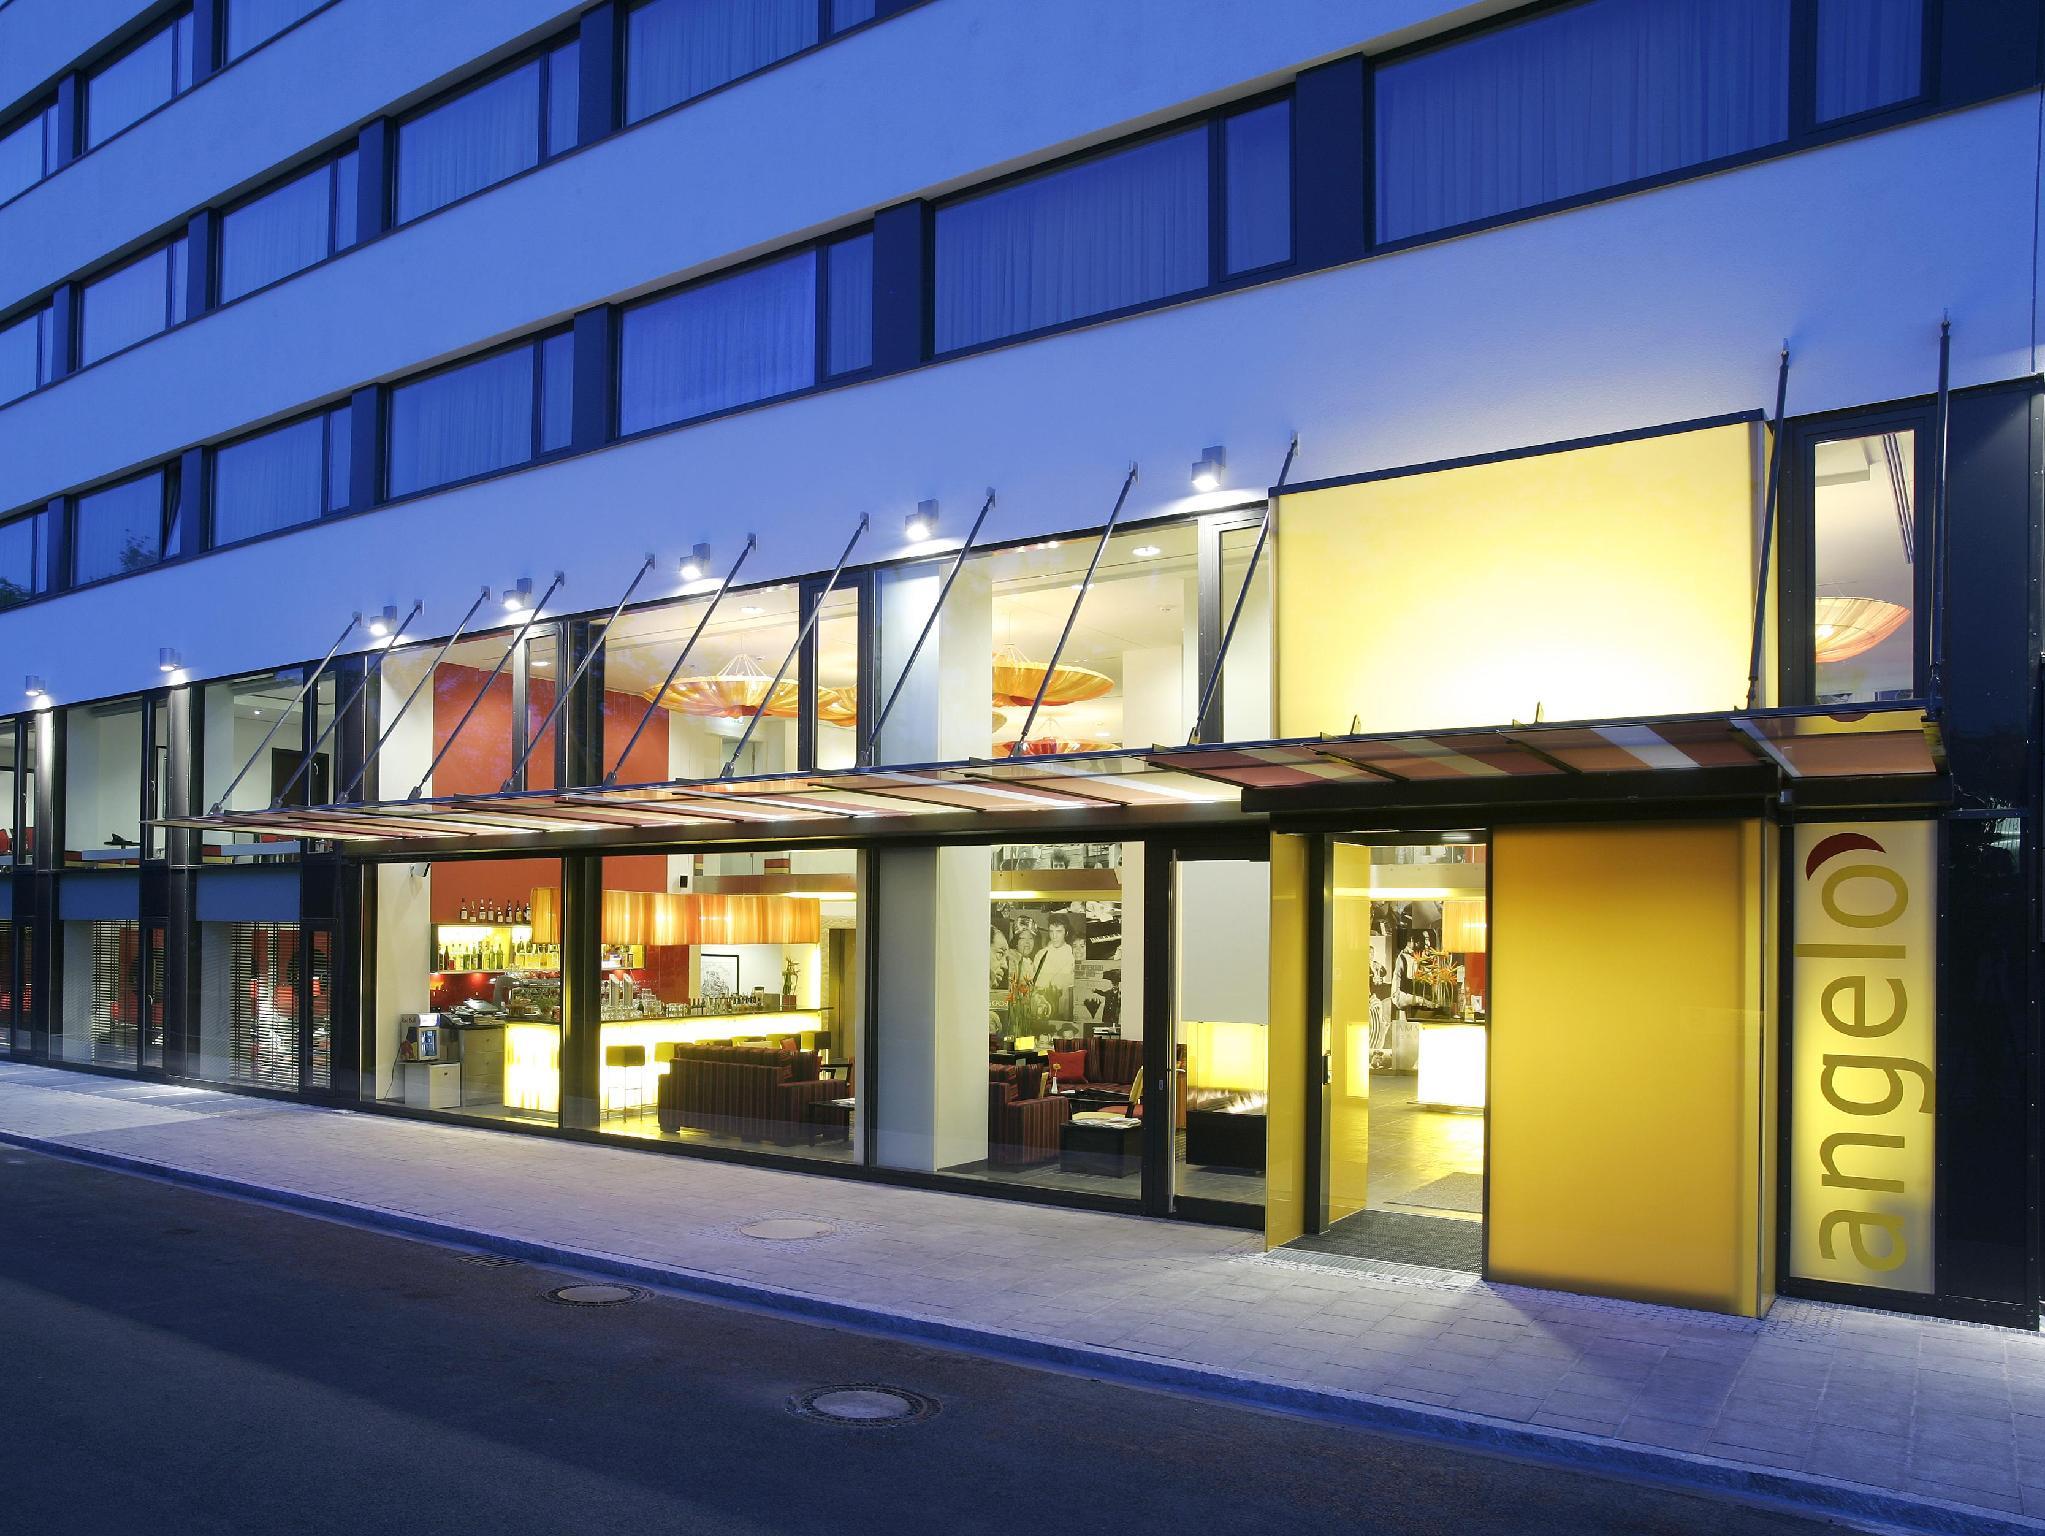 Angelo Hotel Munchen Leuchtenbergring - Munich